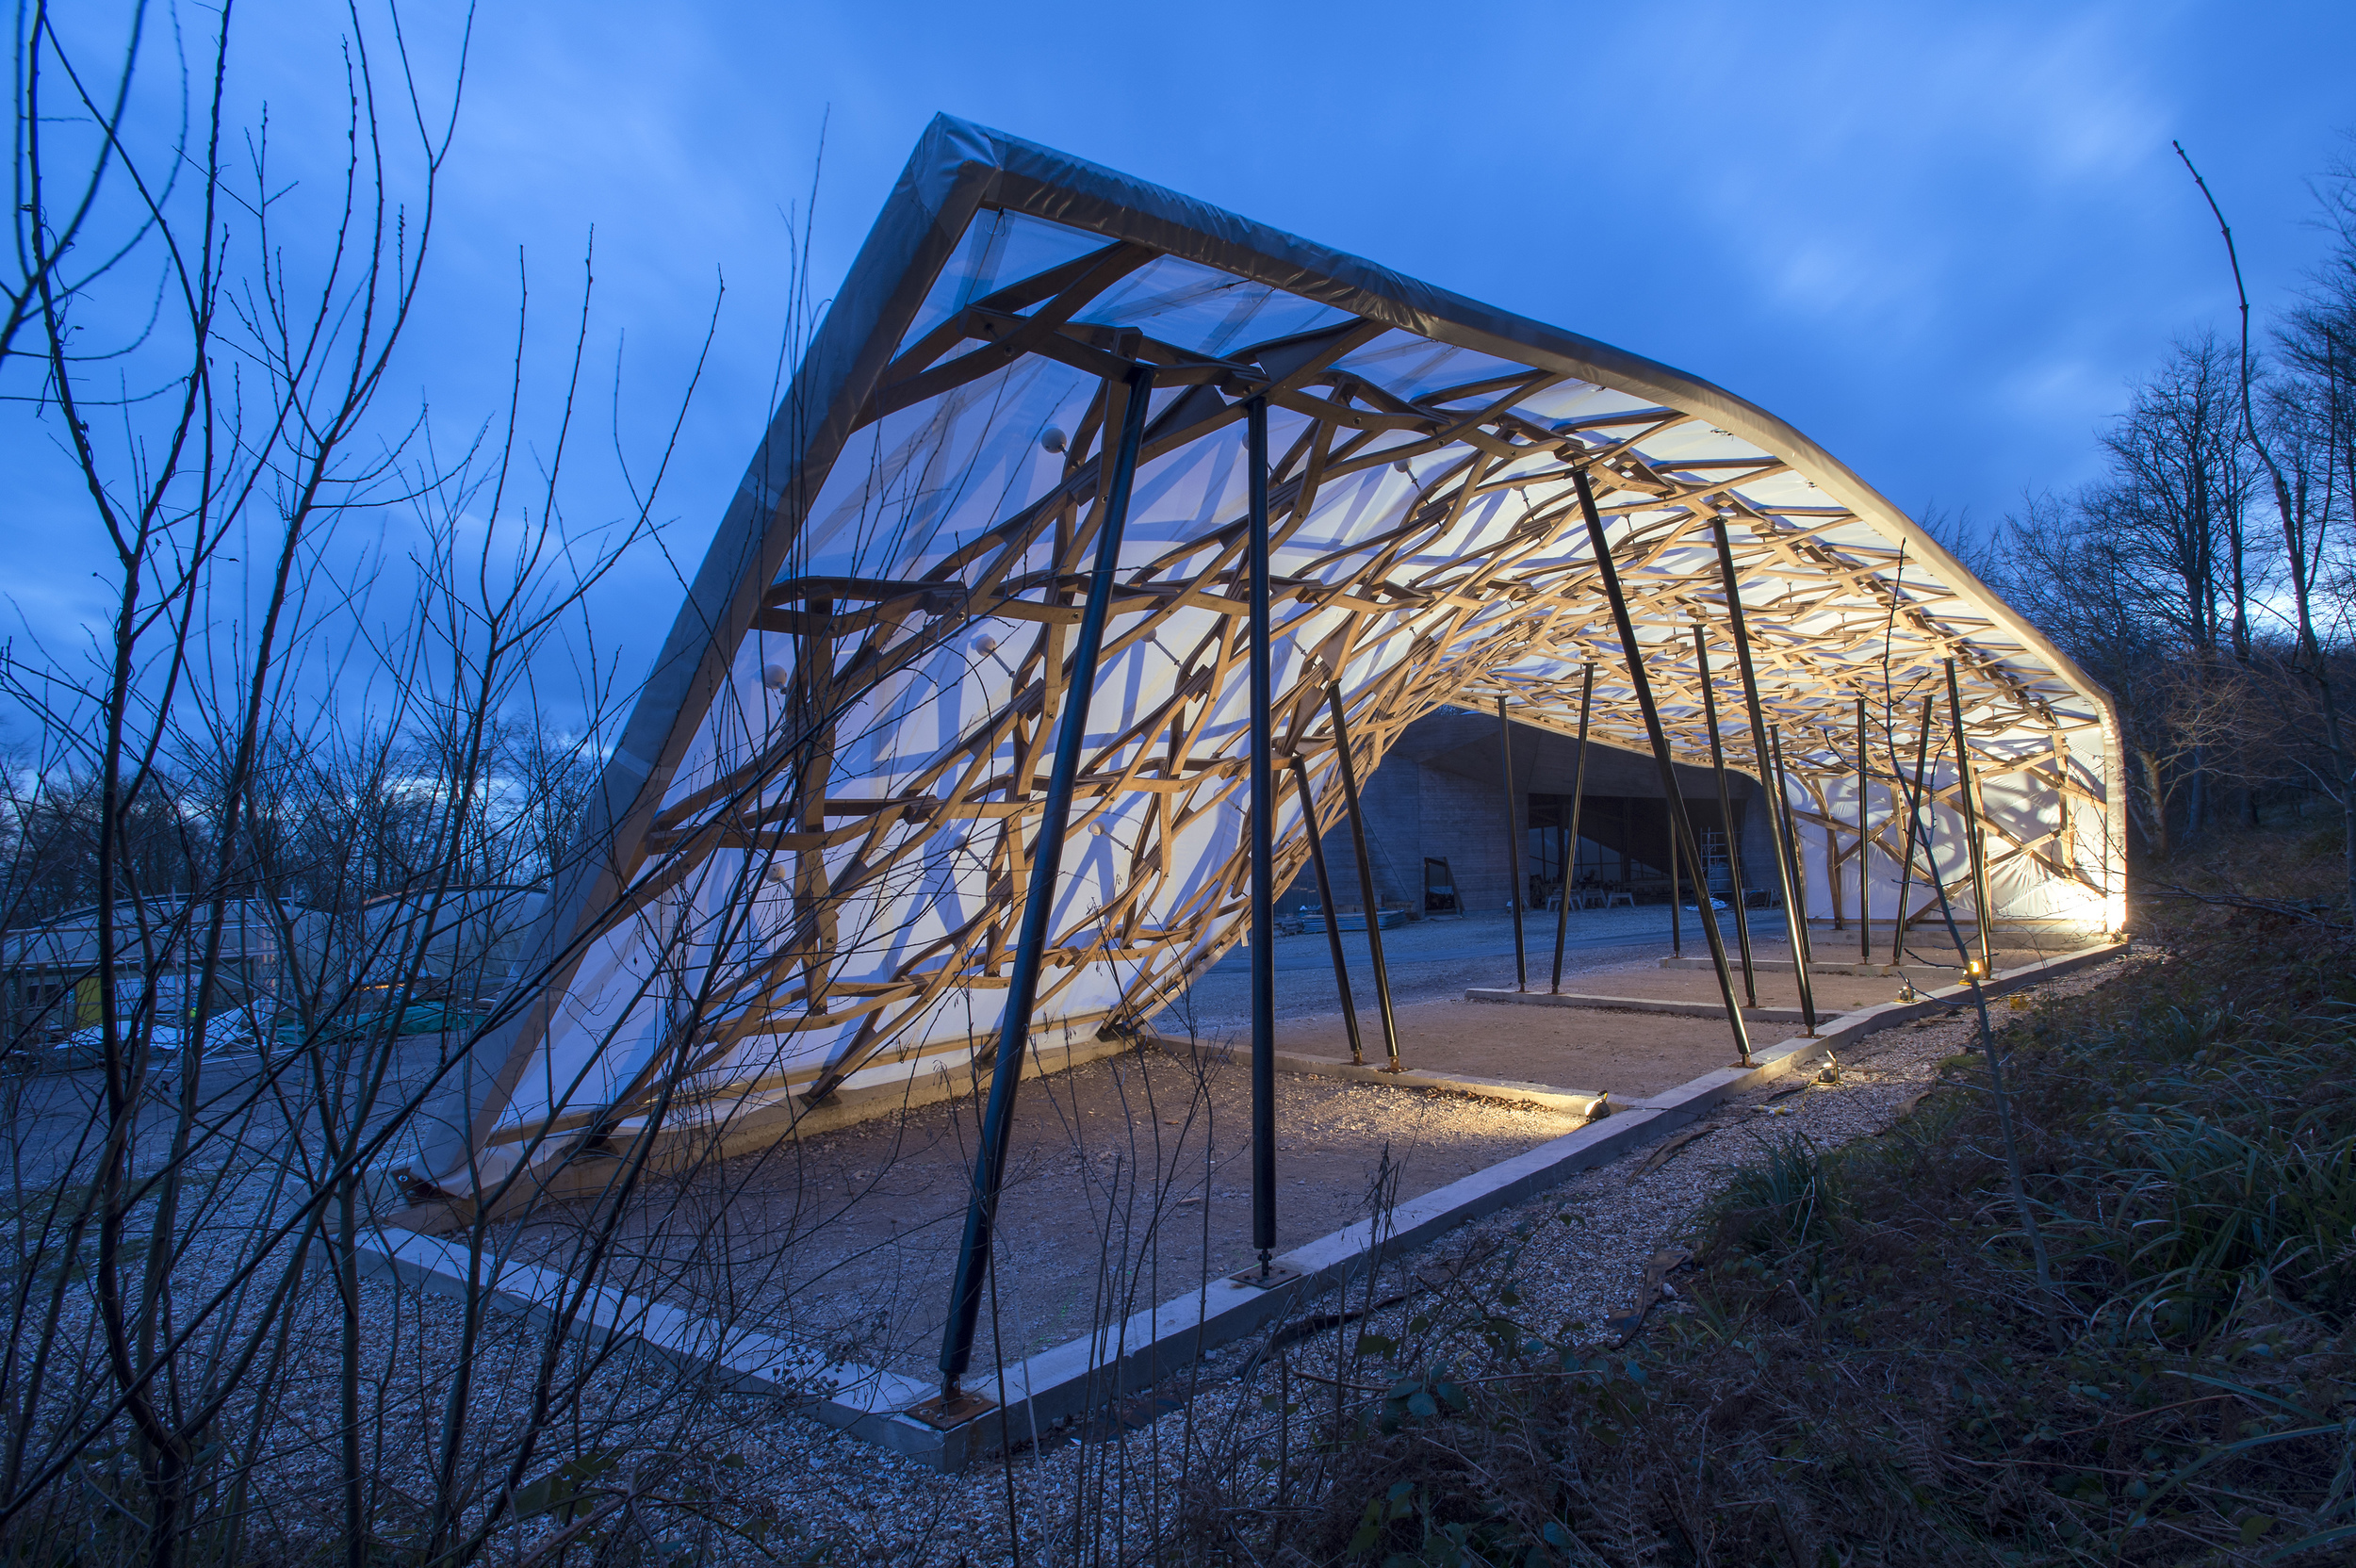 Hooke_Park_Design_&_Make_Timber_Seasoning_Shelter_©Valerie_Bennett_2014_02_22_0077.jpg